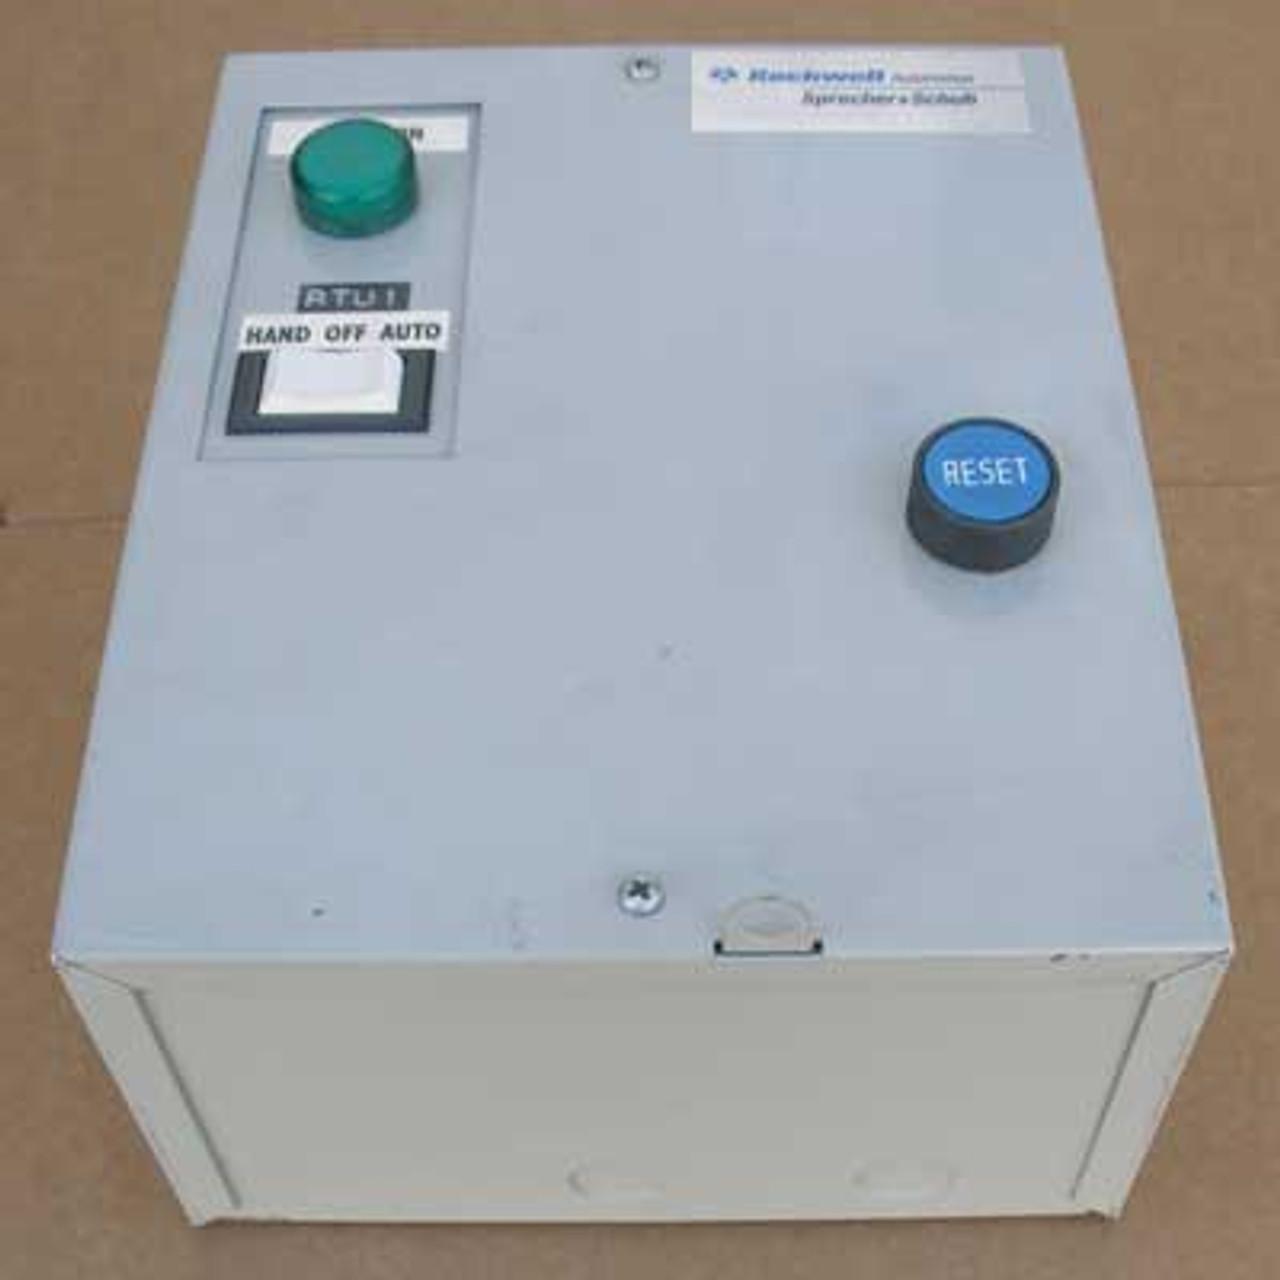 Rockwell S&S RTU1 Motor Starter 30A 600V - Used